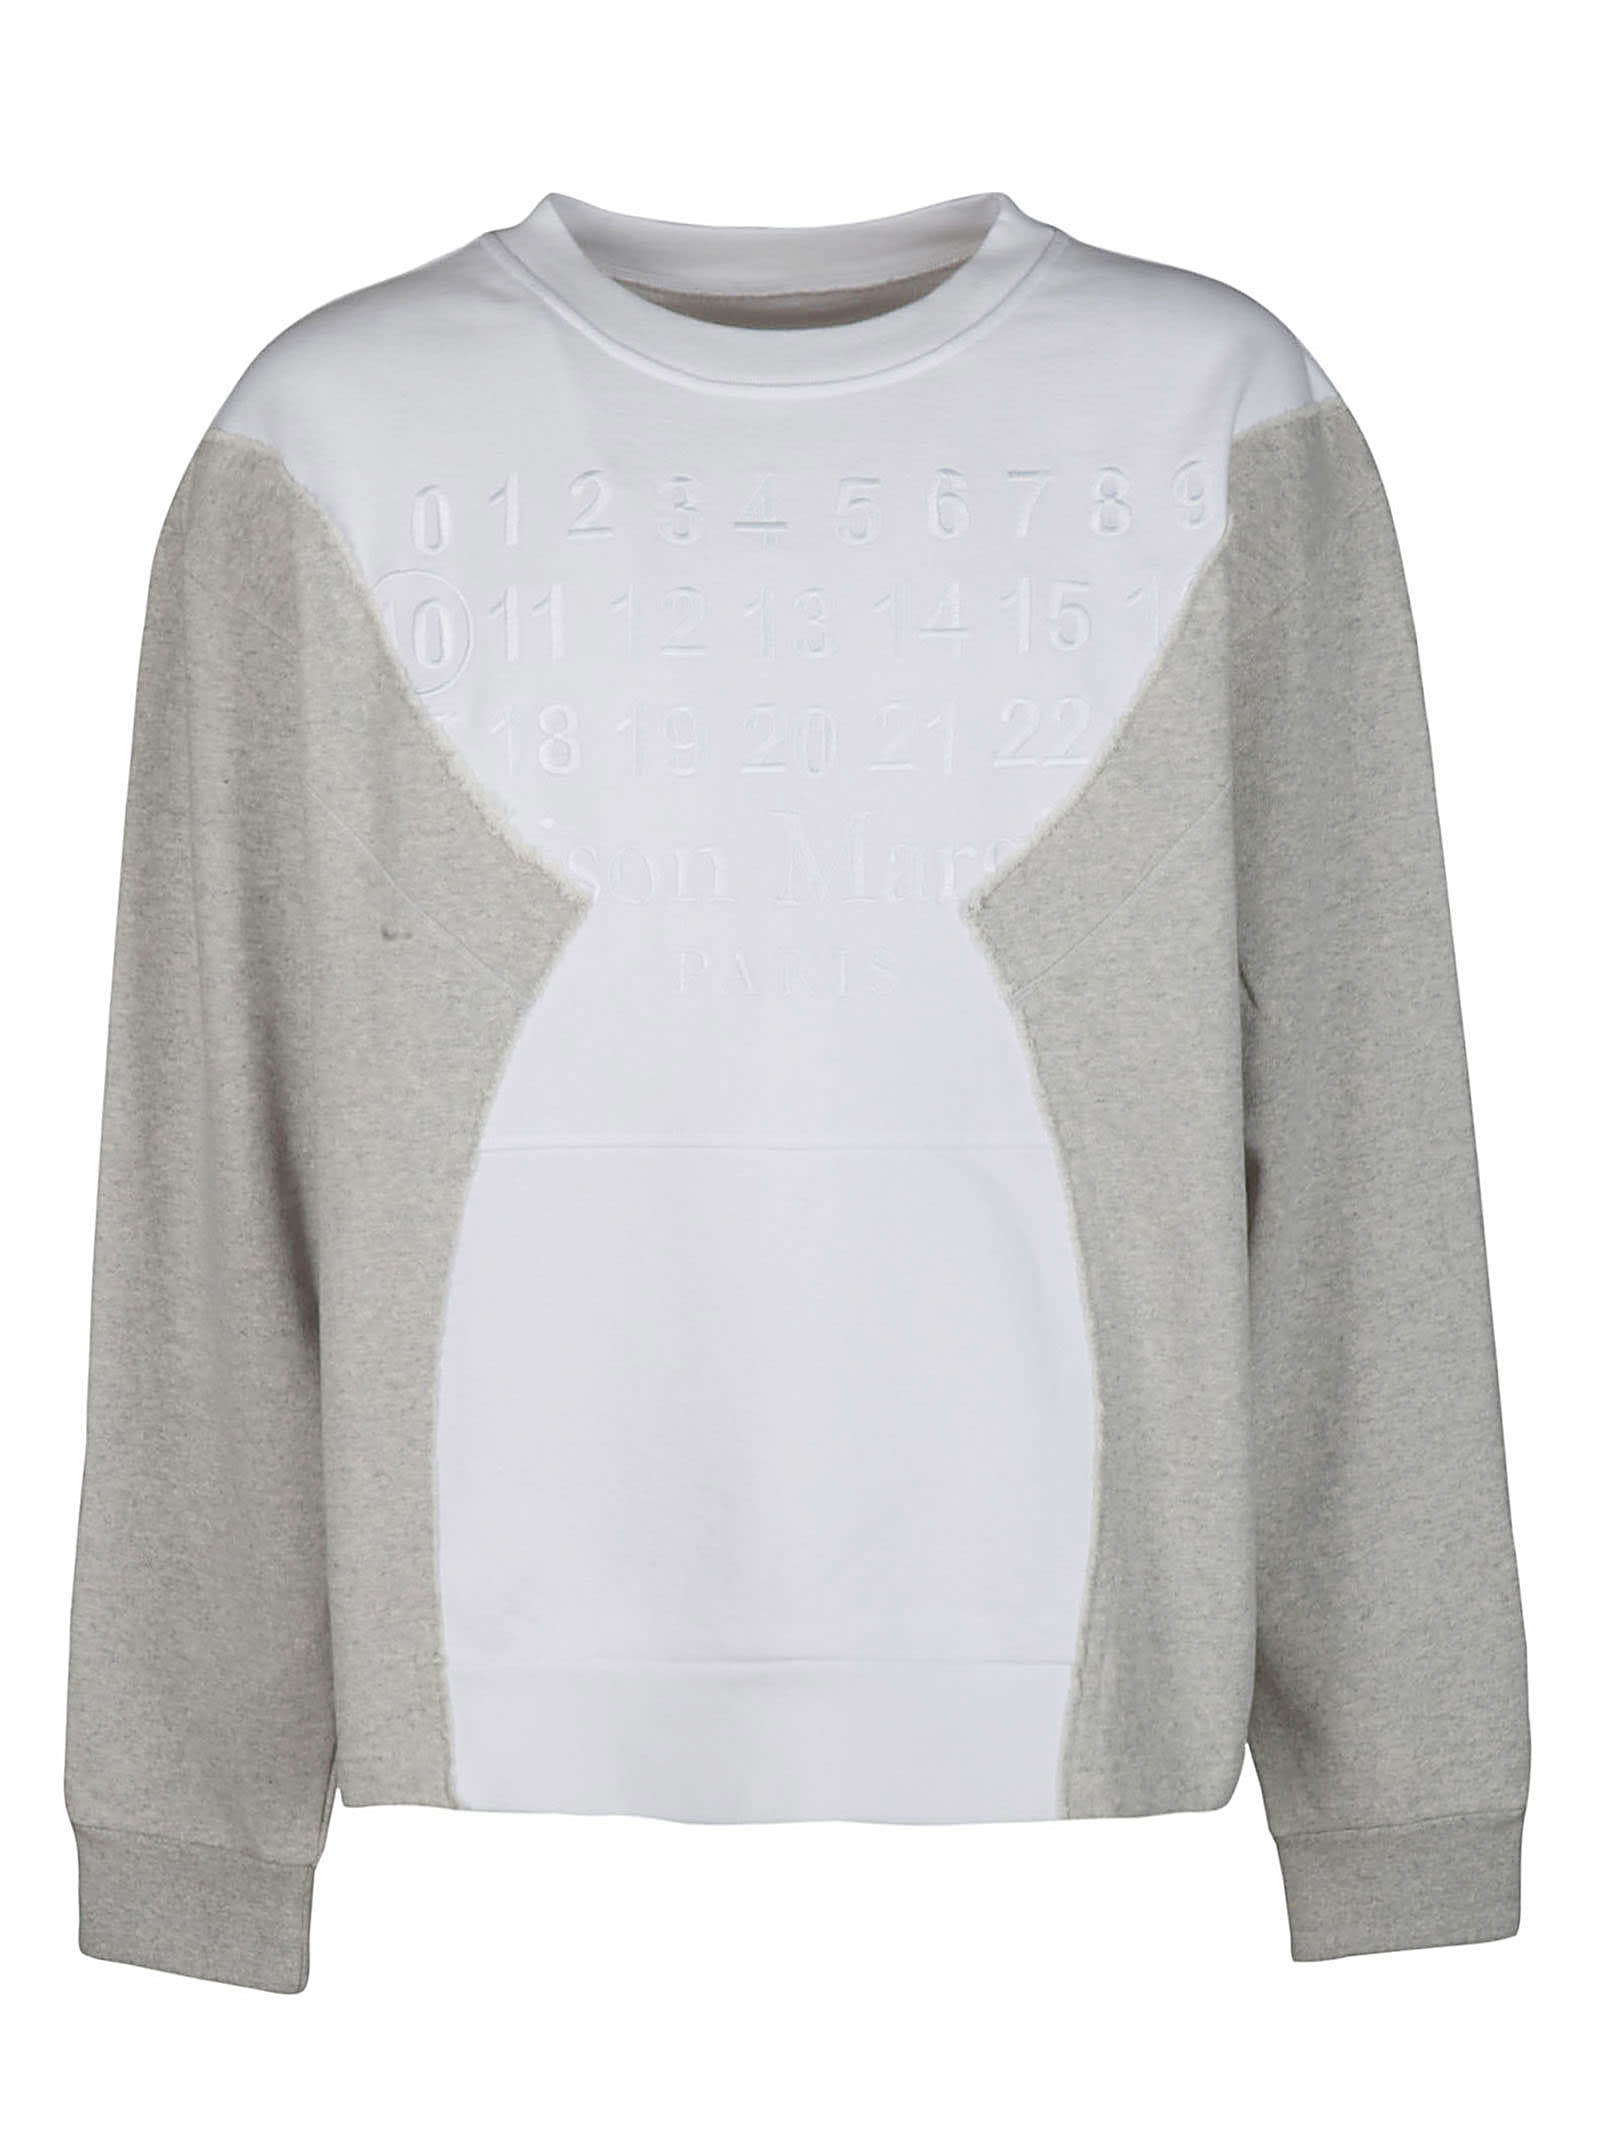 Maison Margiela White And Grey Cotton Sweatshirt